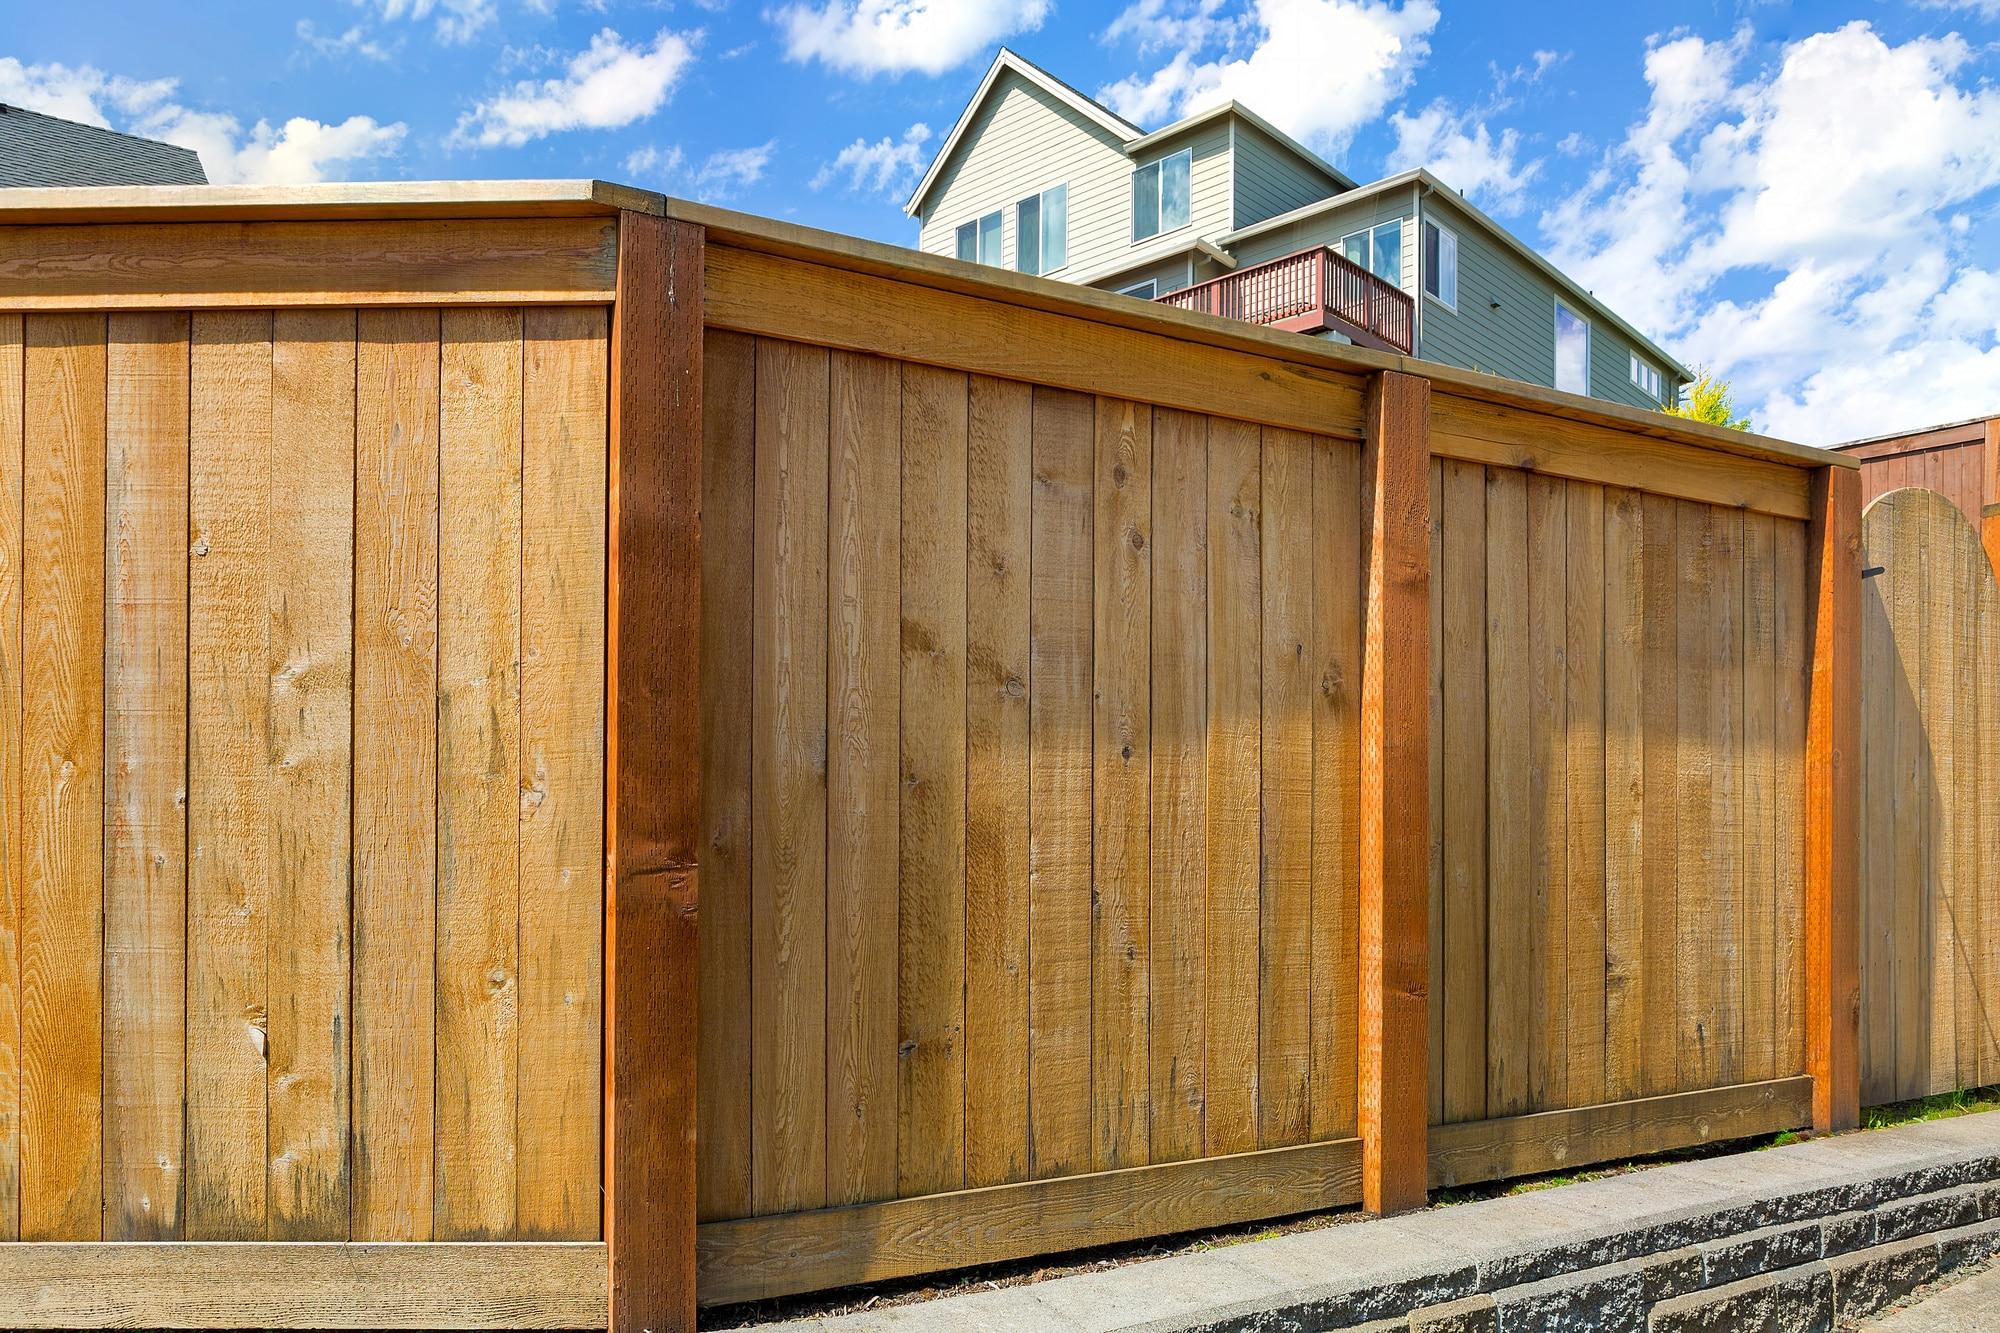 Choosing the Best Security Fence to Keep Burglars Away